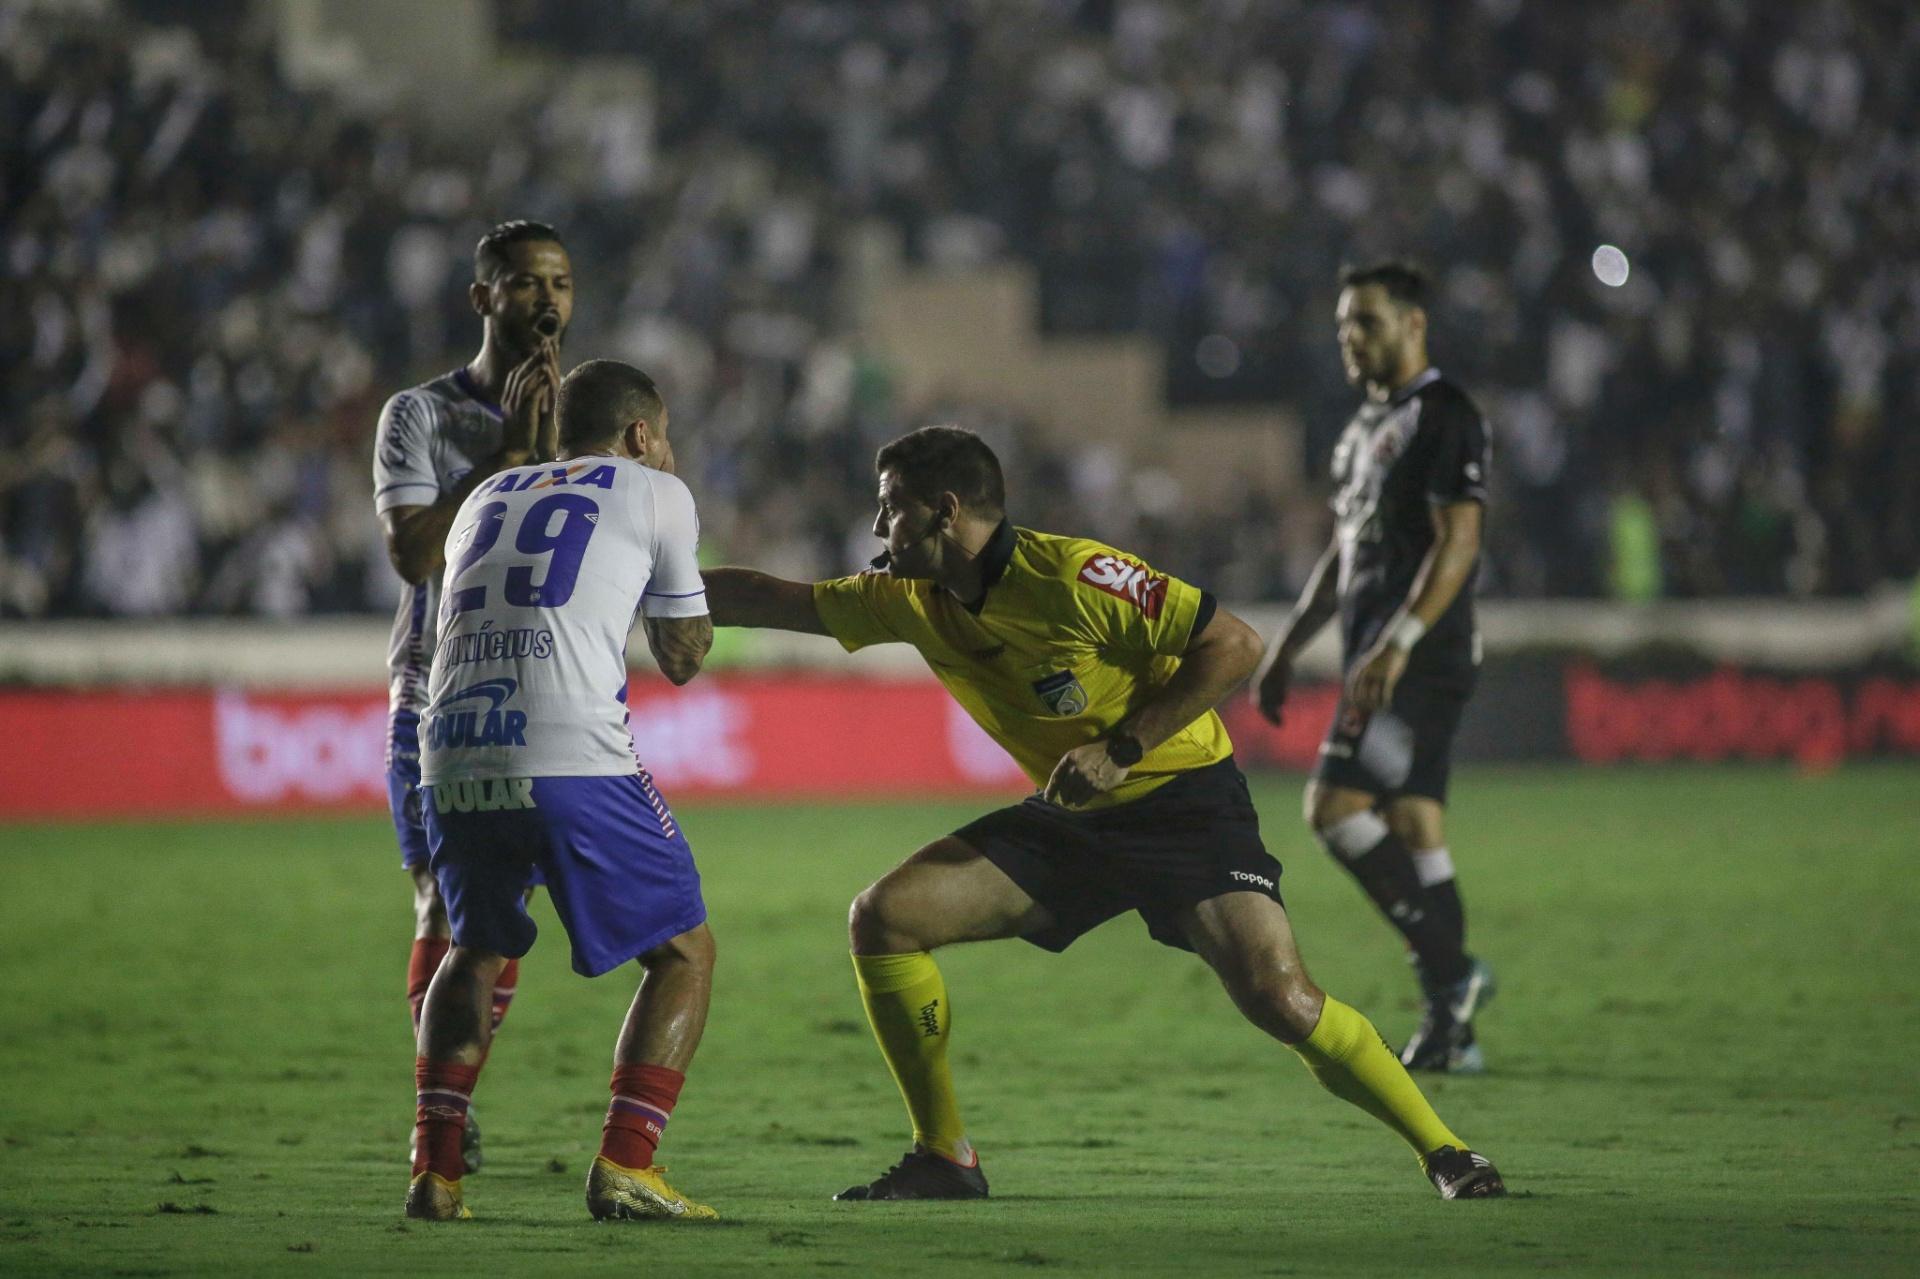 565d7e1e6a Juiz de Flamengo x Palmeiras trabalhou em 13 jogos no Brasileirão  conheça  - 25 10 2018 - UOL Esporte